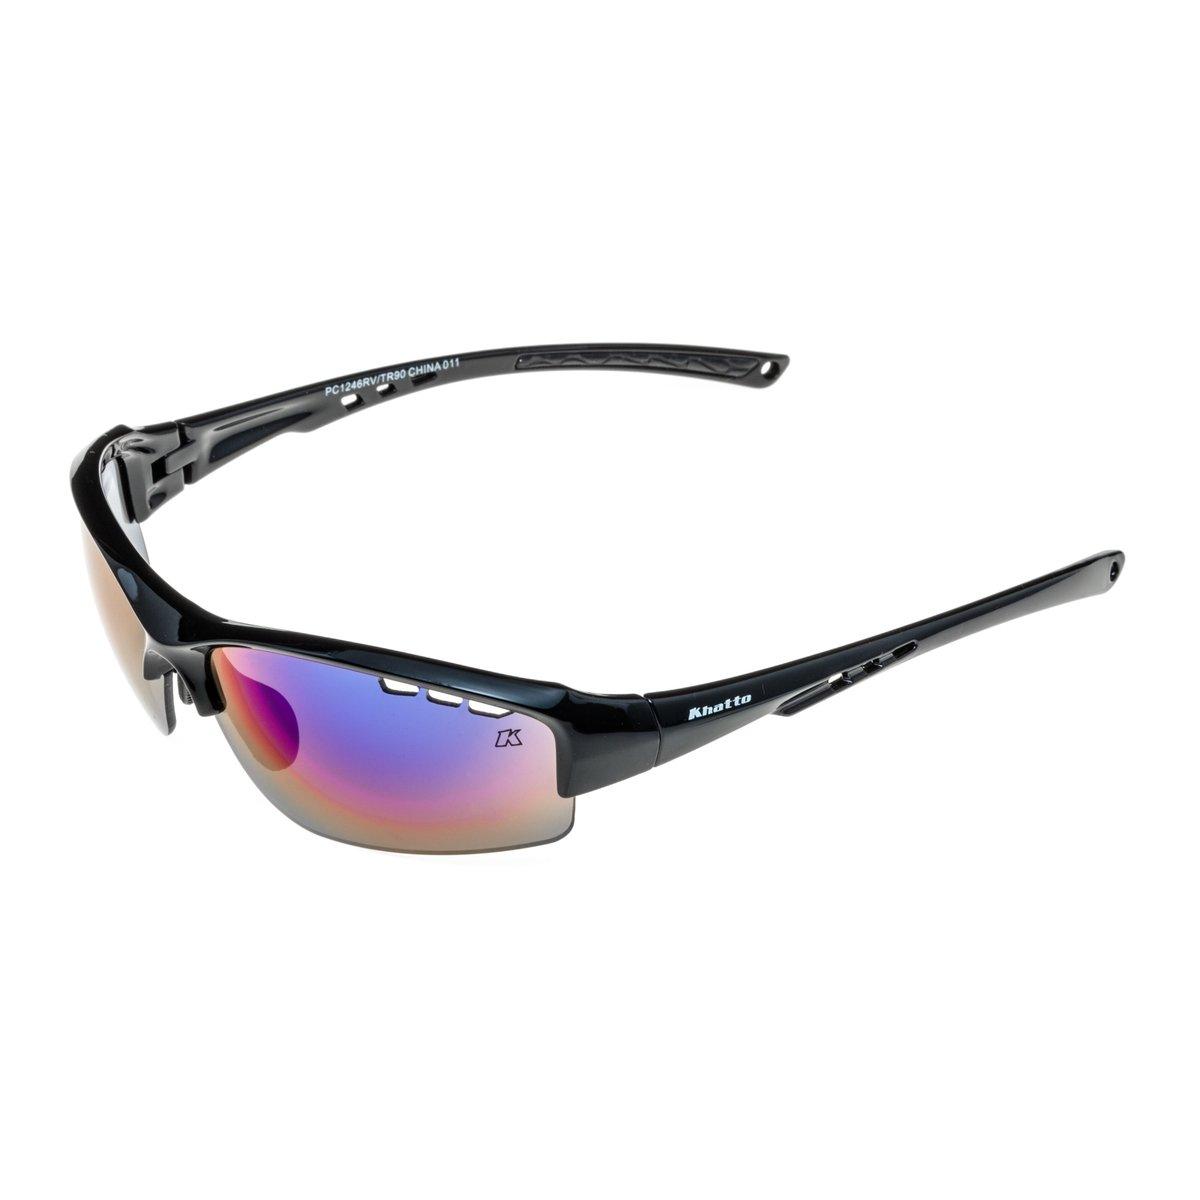 Óculos de Sol Khatto KTS1246 - Compre Agora   Zattini 201f53cbfd